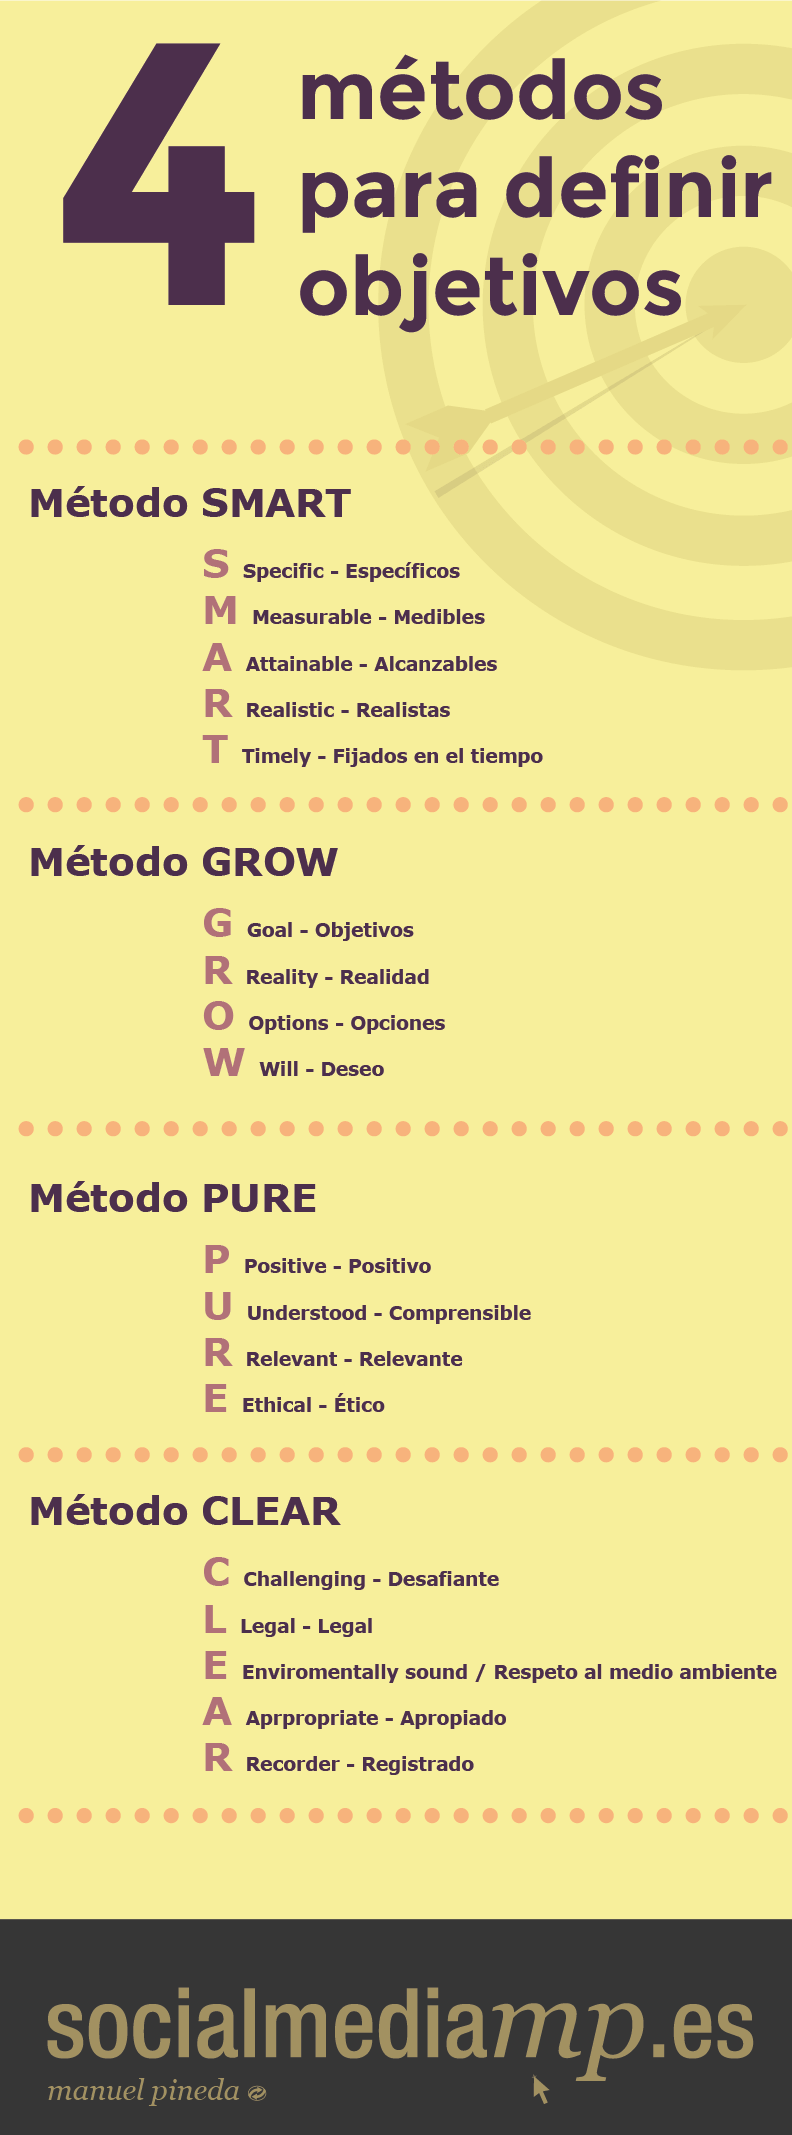 4 métodos para definir objetivos